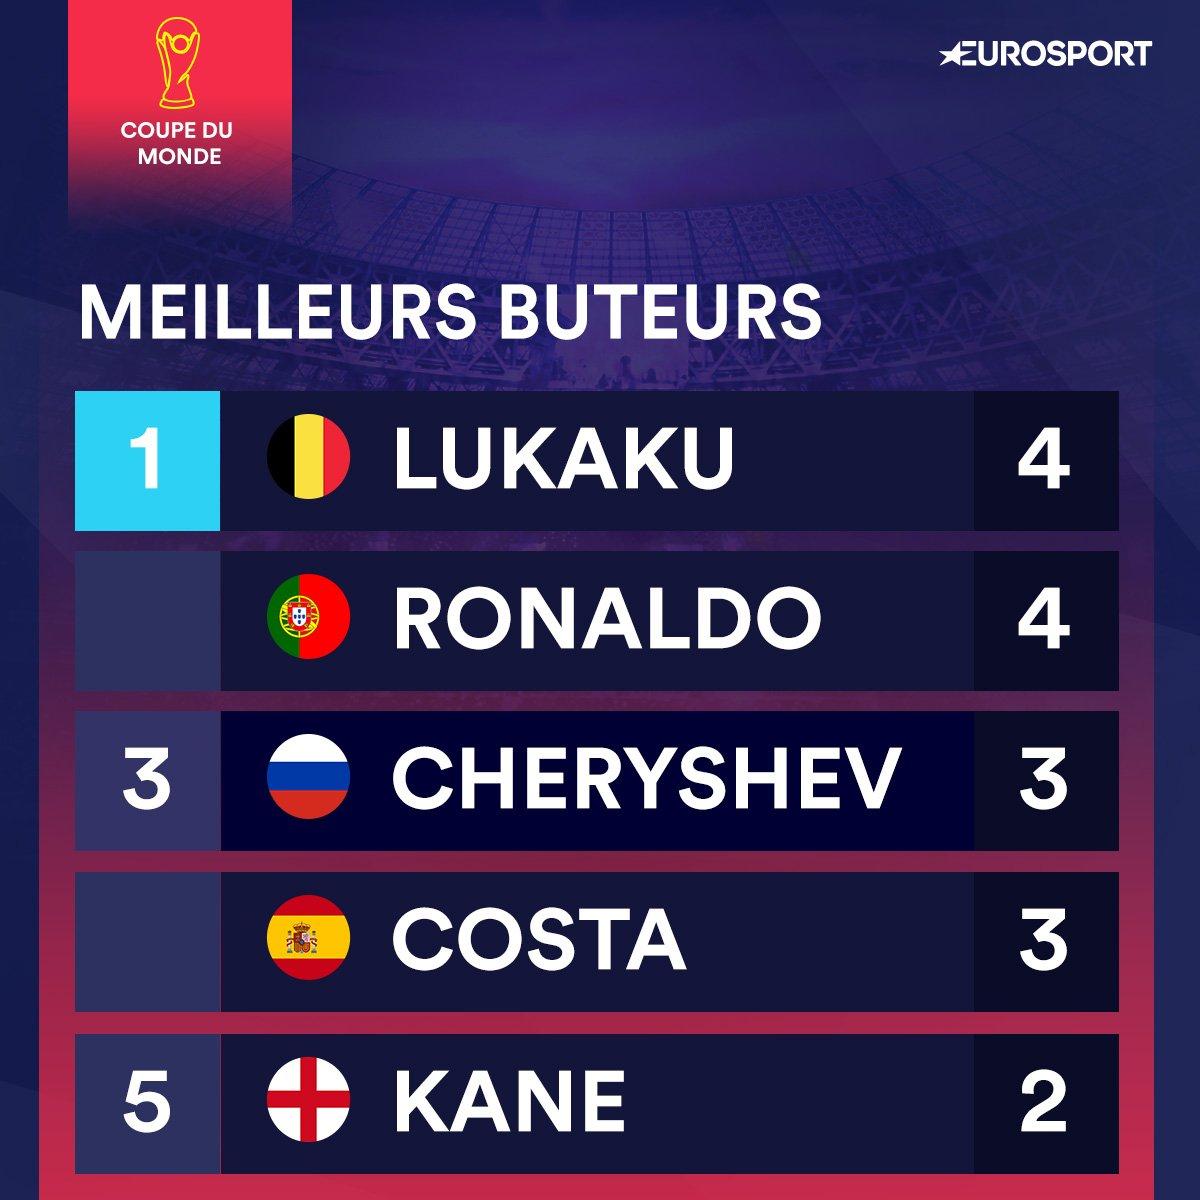 RT @Eurosport_FR: Lukaku rejoint Ronaldo en tête du classement des meilleurs buteurs #BELTUN #CM2018 https://t.co/C61nWjLlvg